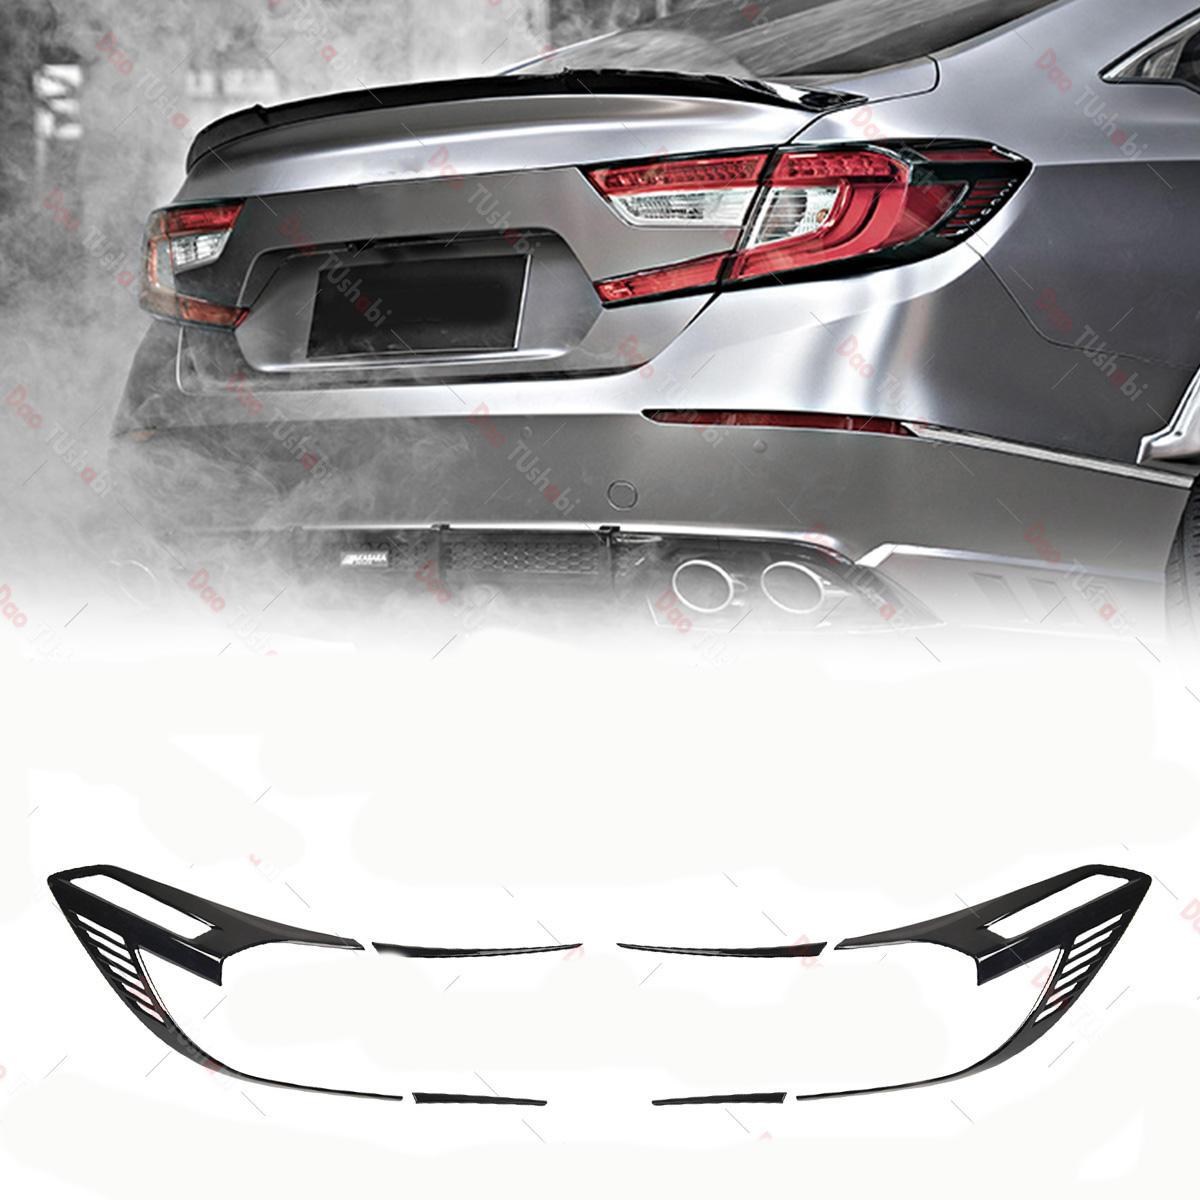 6PCS ब्लैक ABS रियर टेल लाइट लैंप कवर ट्रिम Honda अकॉर्ड 2018 2019 के लिए